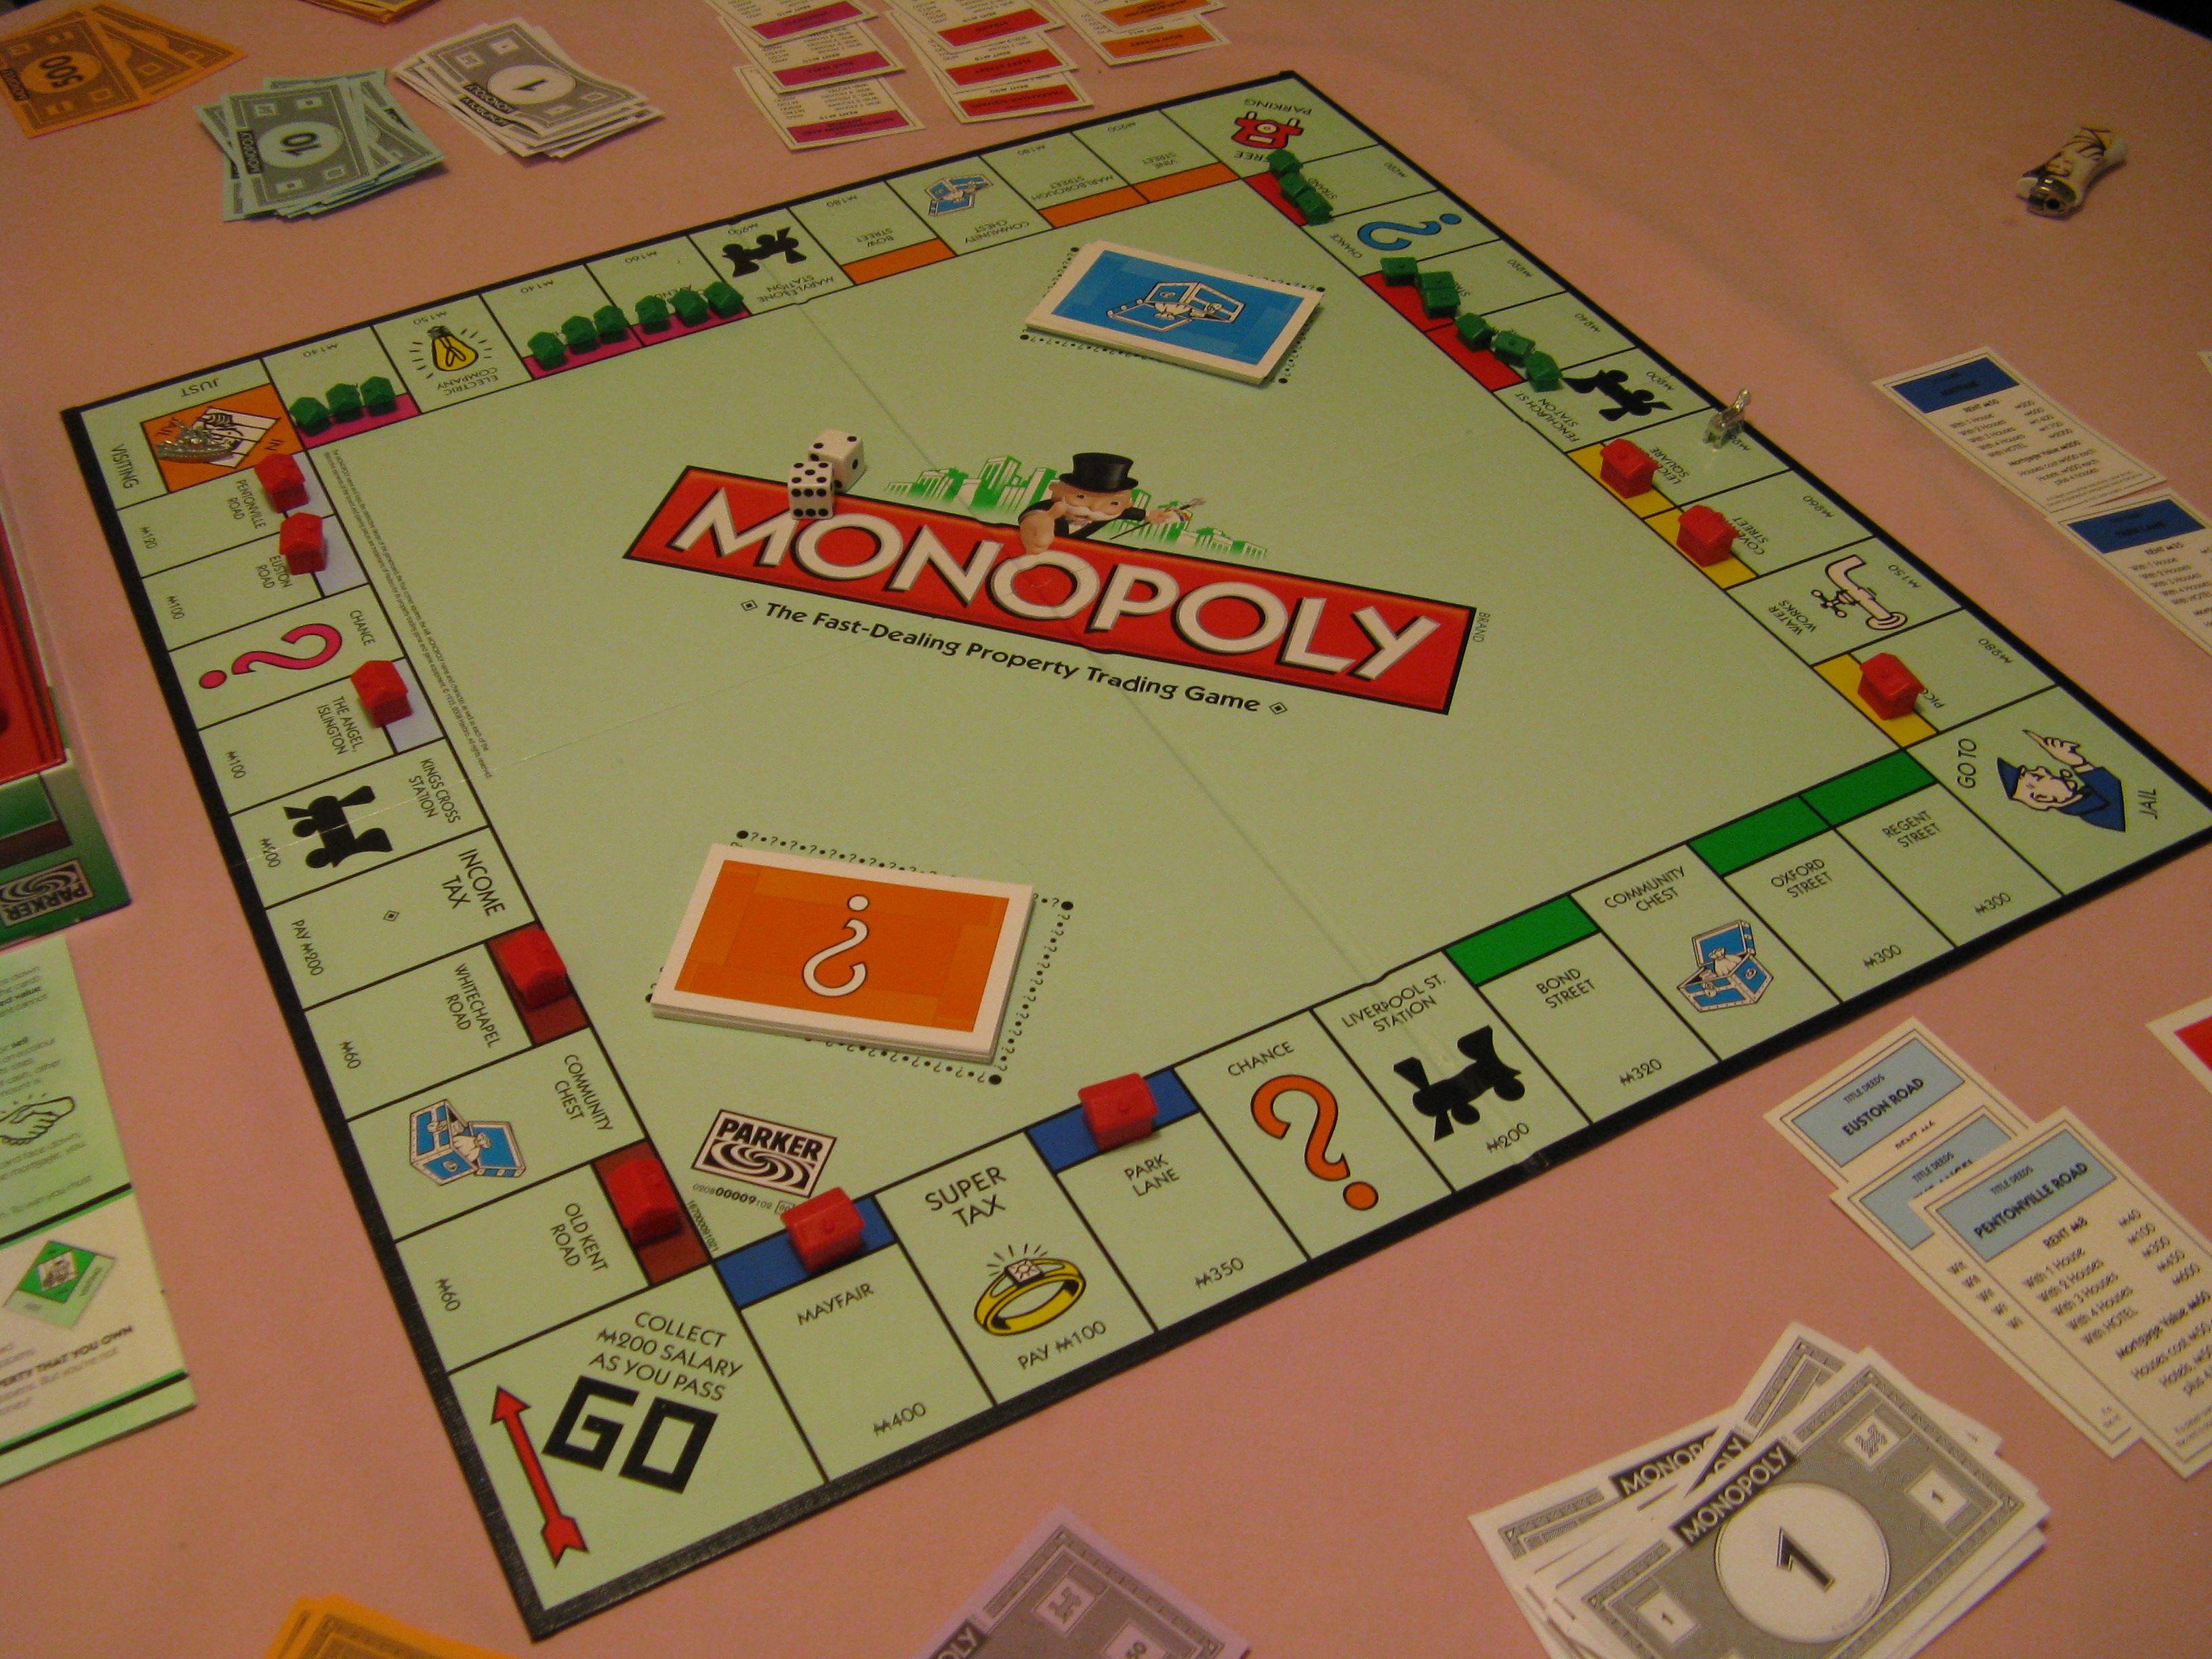 Pronti a stracciare gli amici a Monopoly?